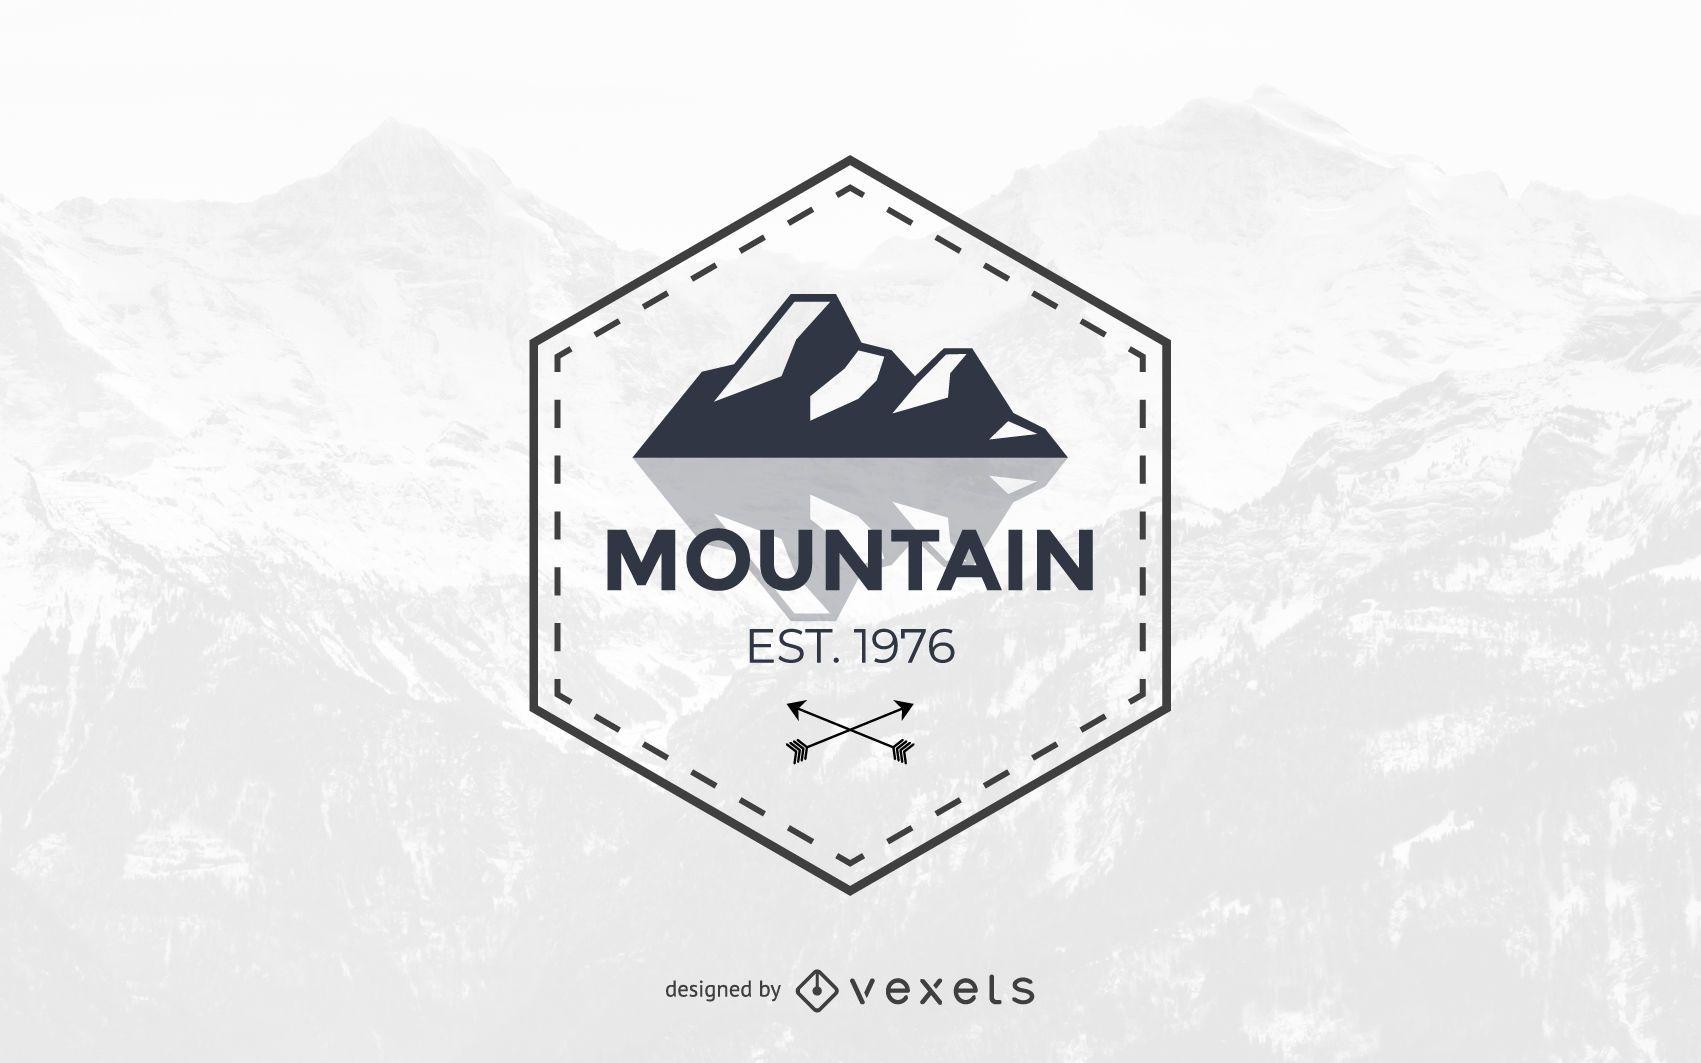 Abstract mountain logo template design